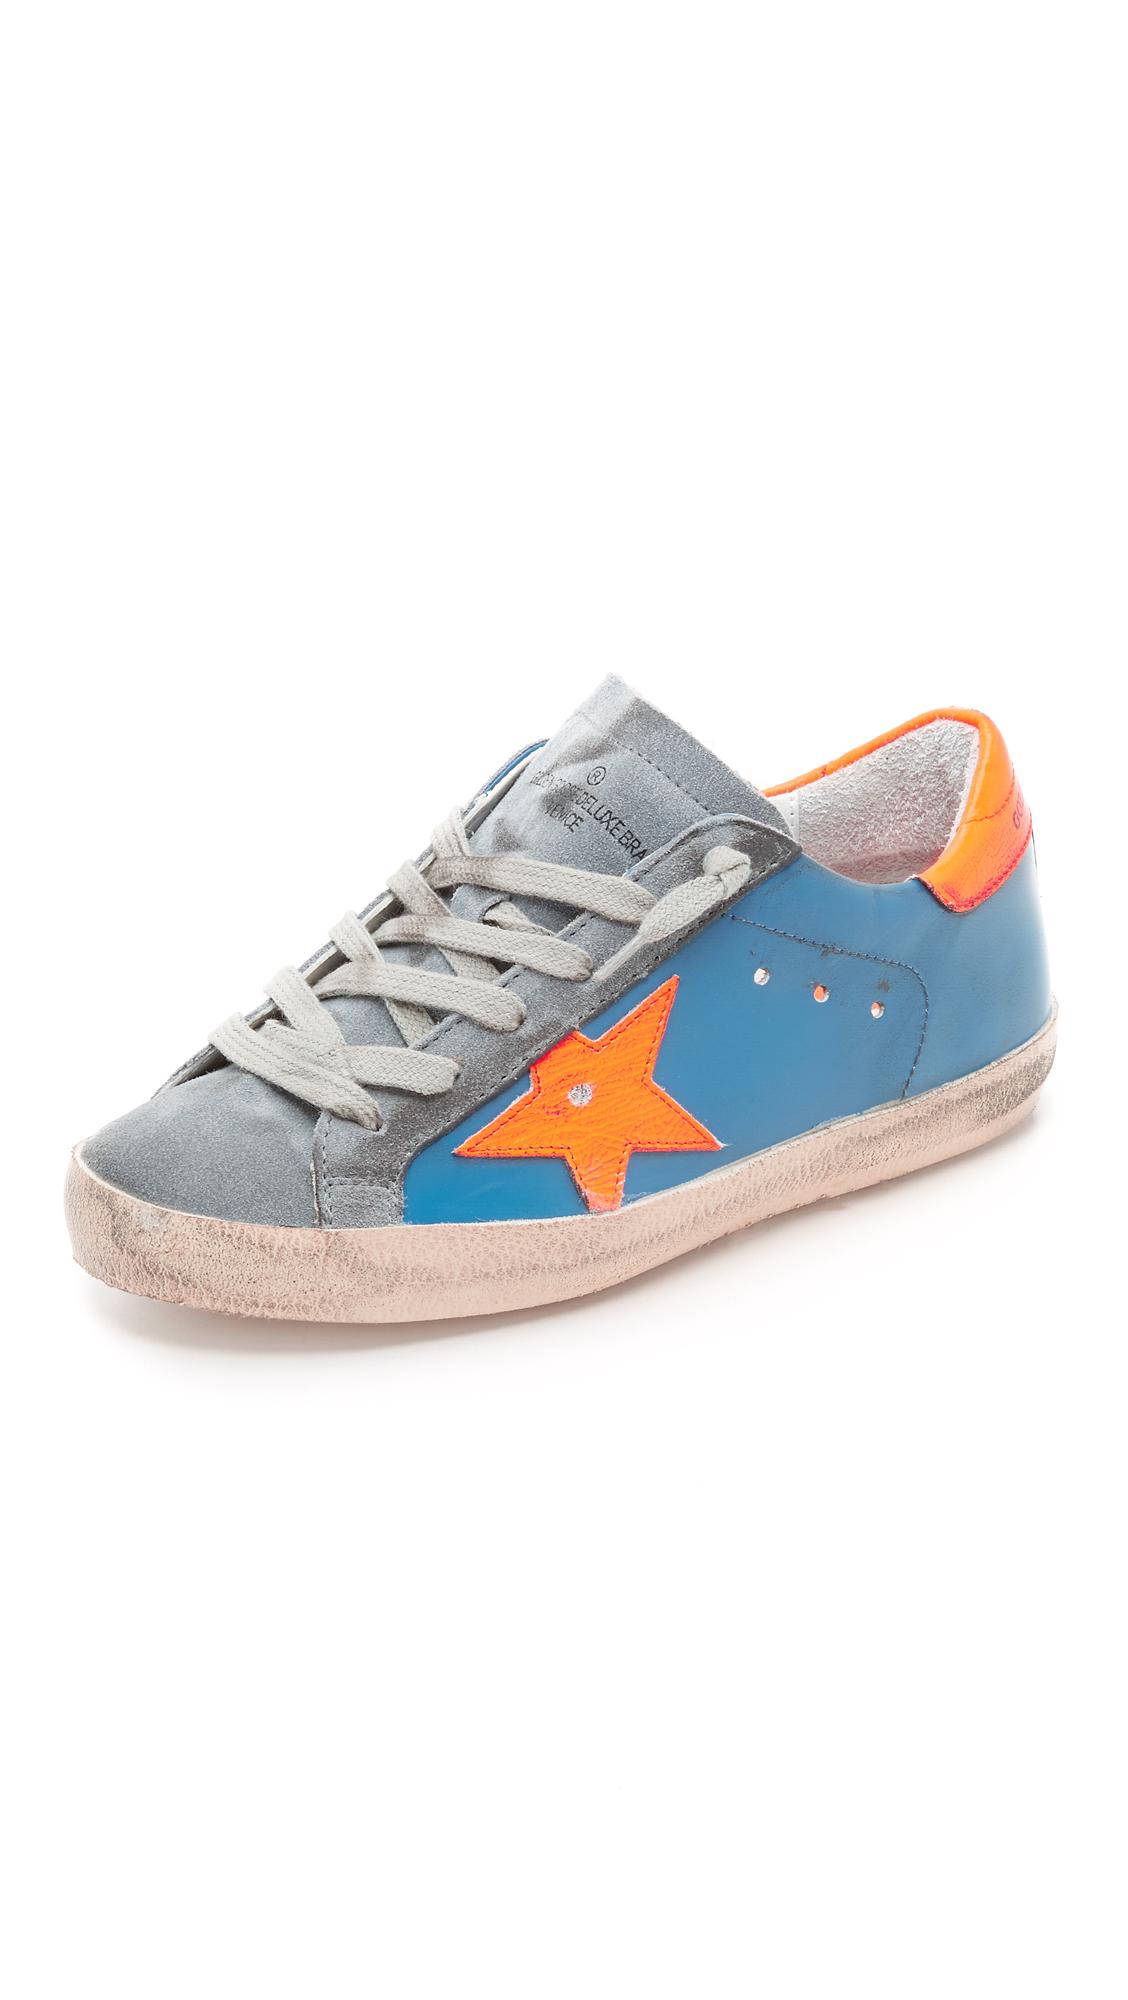 Superstar sneakers - Blue Golden Goose SWEH5u4jb